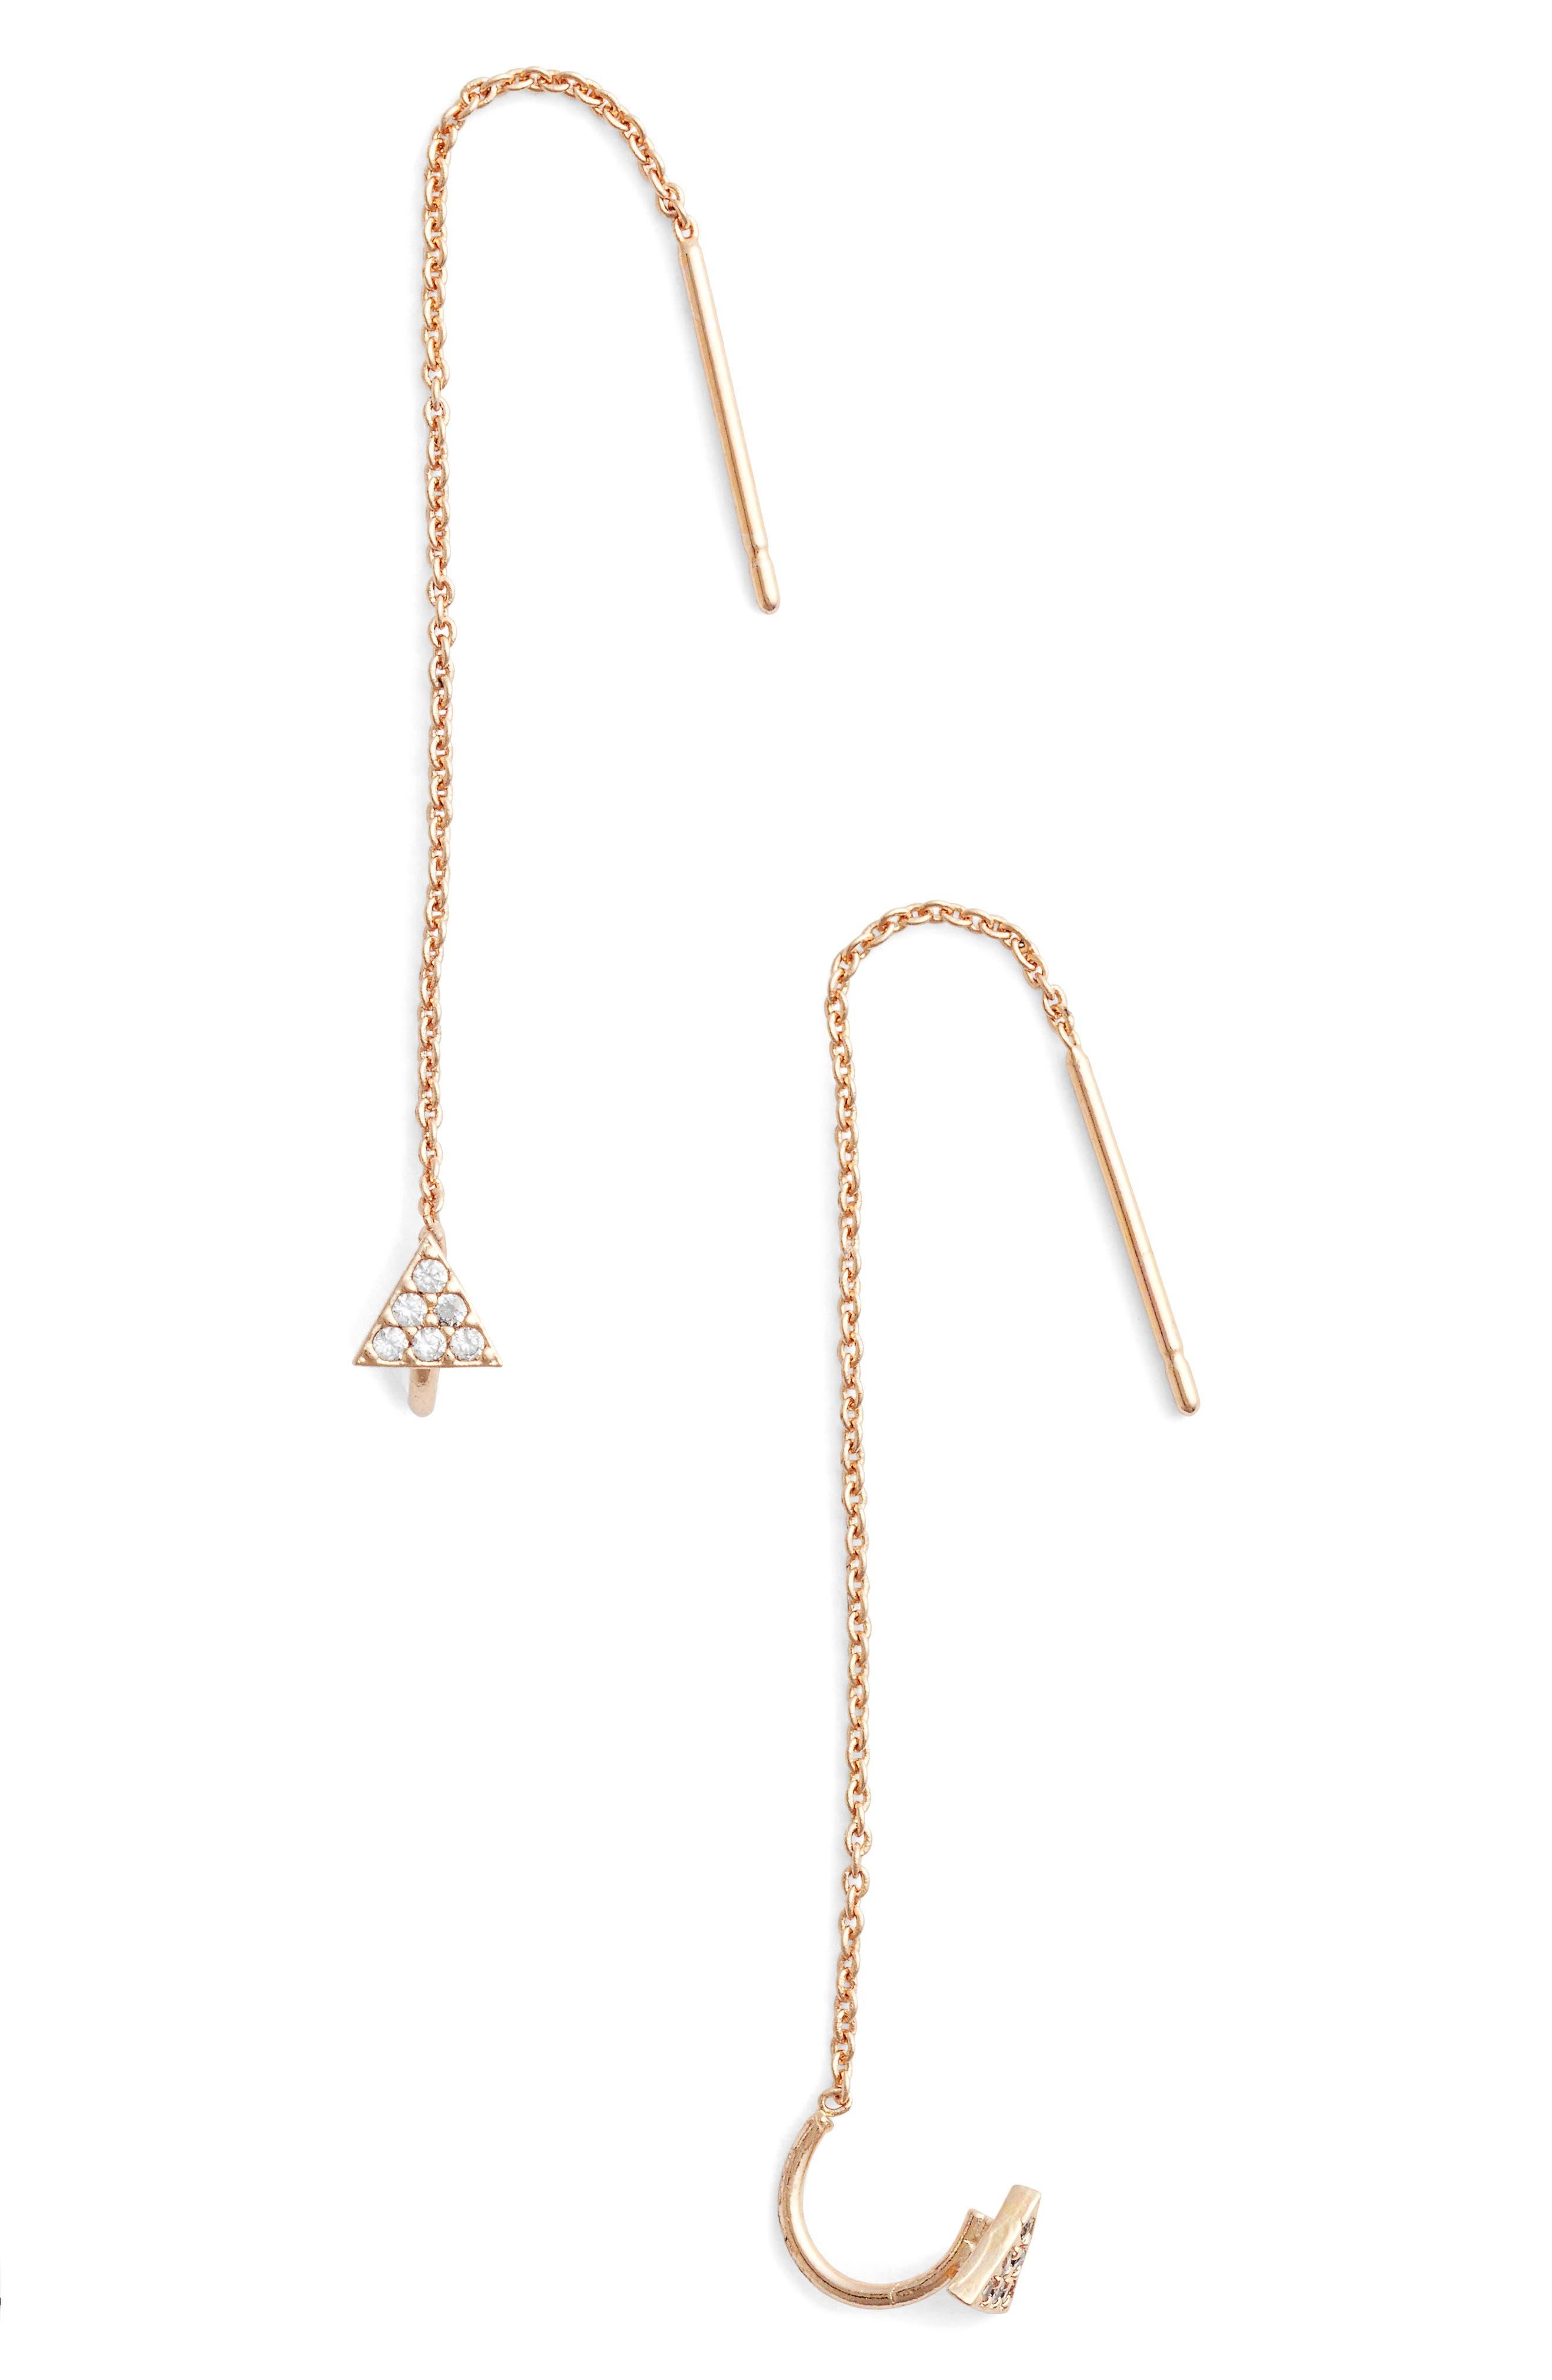 Jules Smith Hayek Threader Earrings